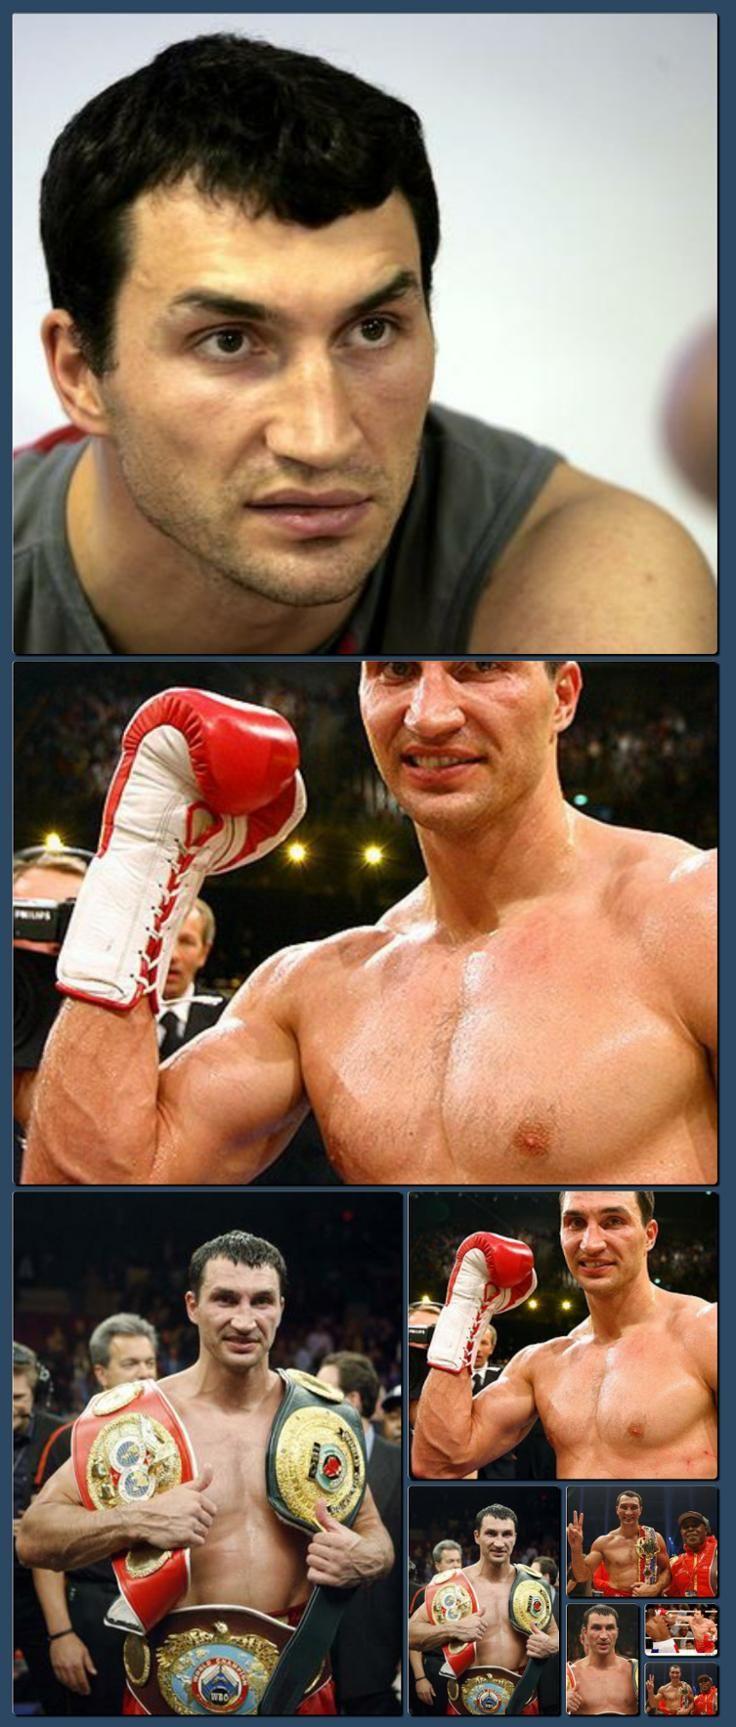 Bo boxer wladimir klitschko wikipedia the -  Francesca Perez Wlad Klitschko Sports Wladimir Klitschko Boxer Profile Bio And Images